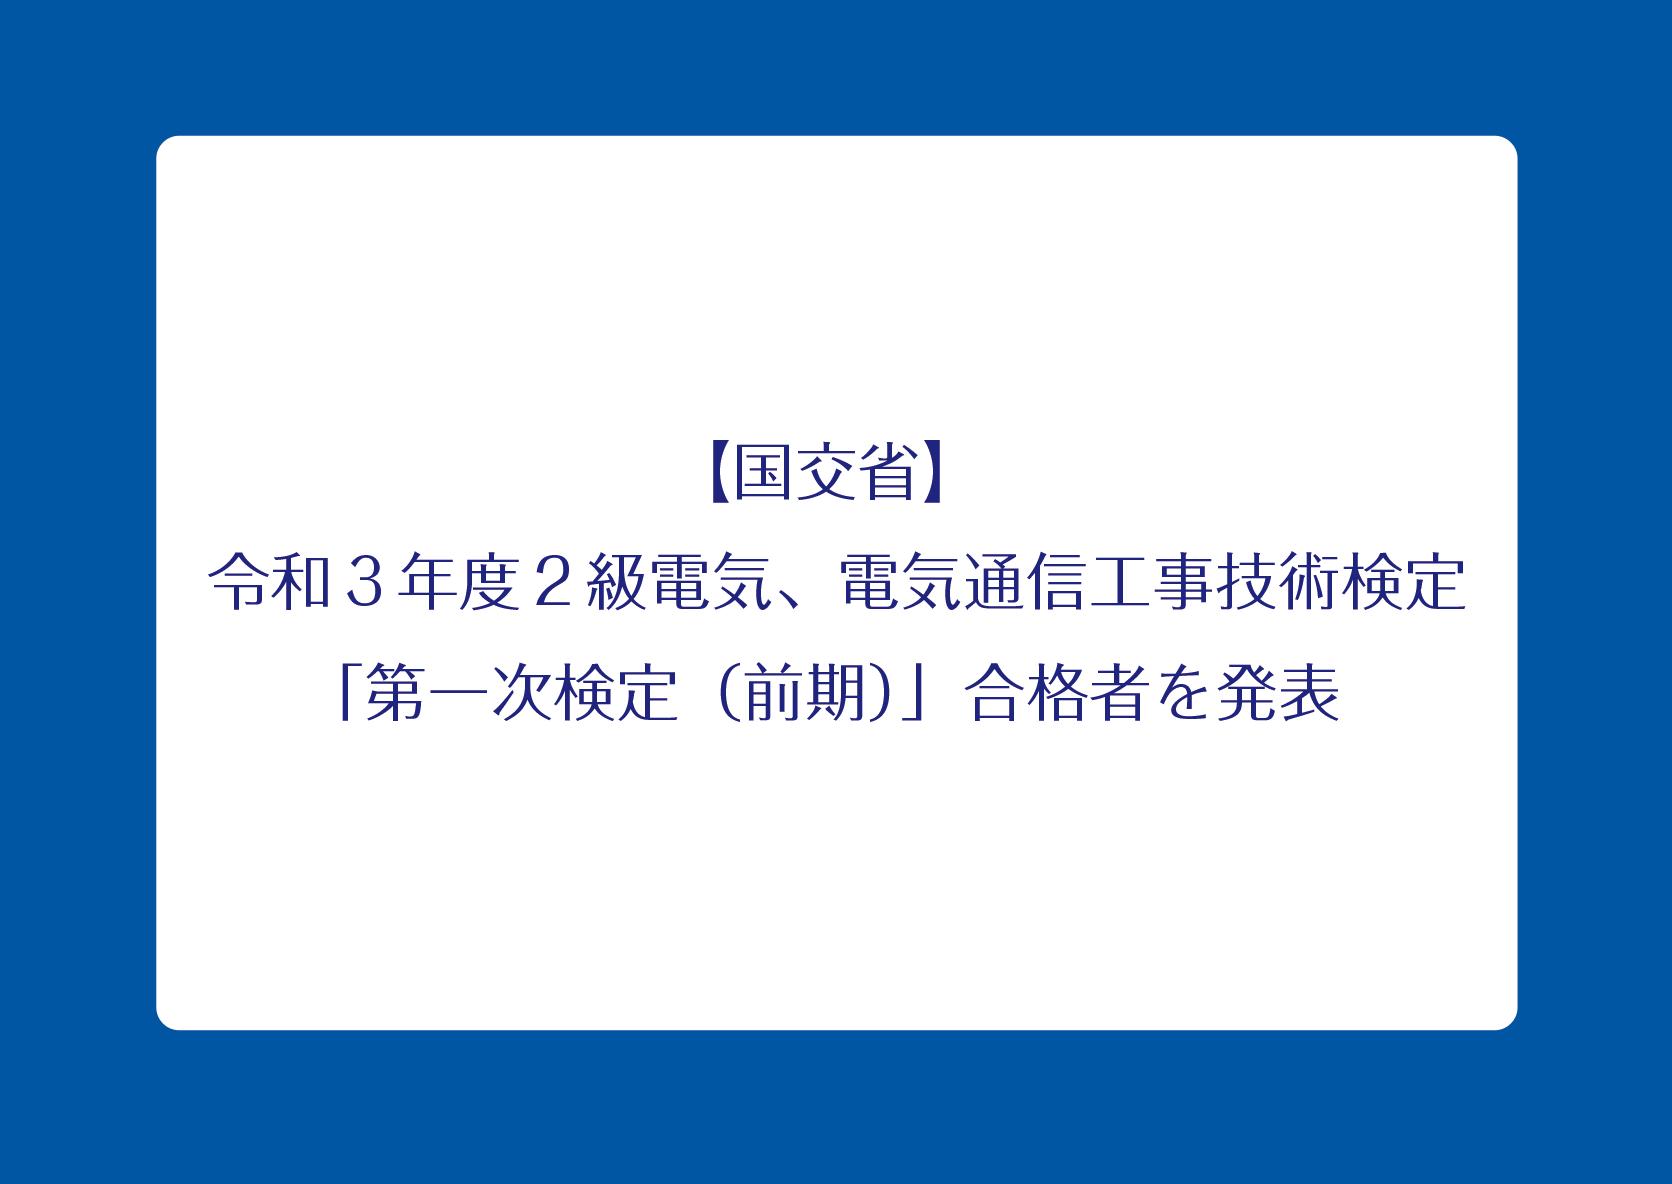 【国交省】 令和3年度2級電気、電気通信工事技術検定「第一次検定(前期)」合格者を発表の画像